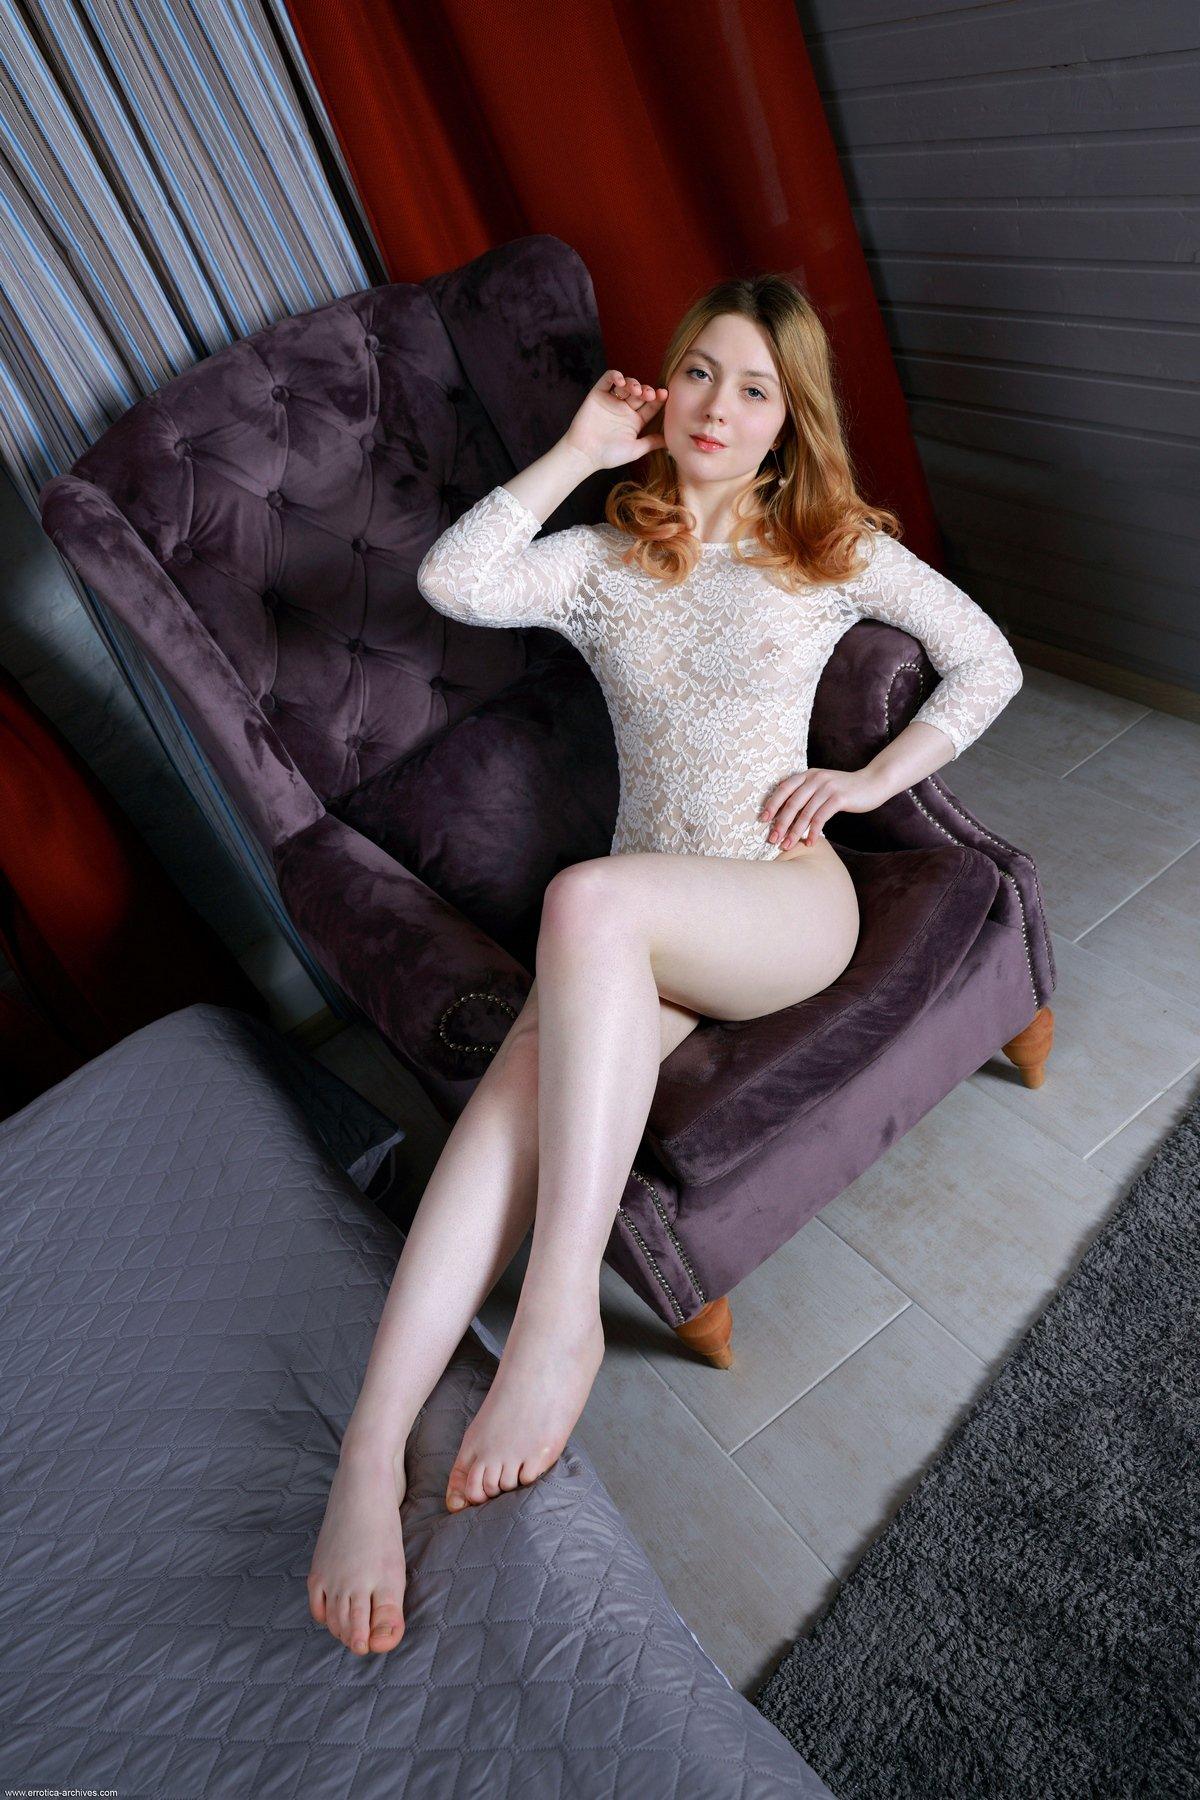 Рыжая девушка снимает кружевной наряд в мягком кресле